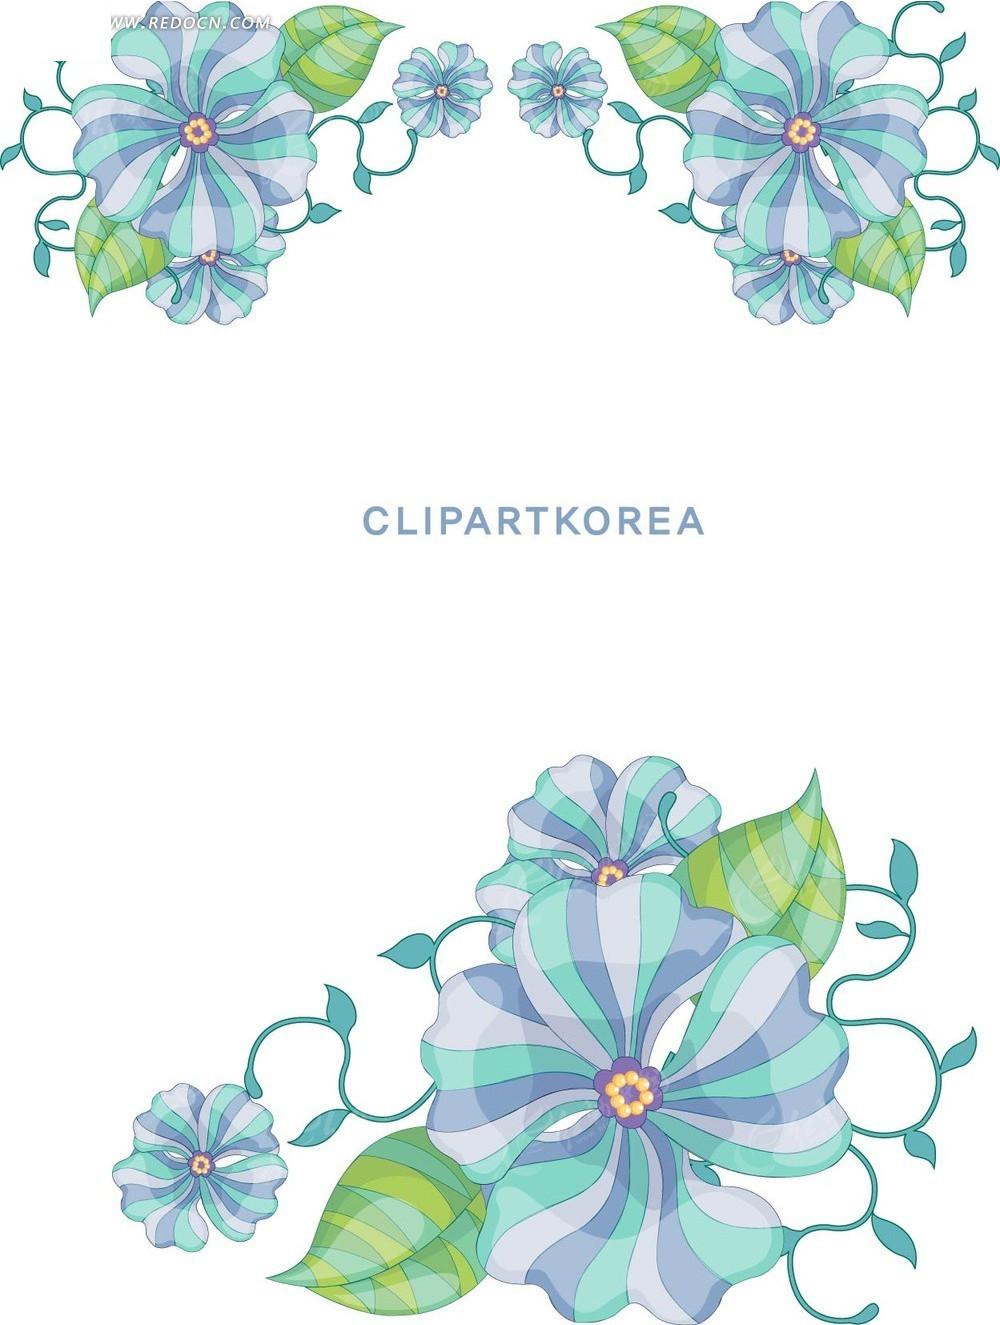 花纹边框 花纹花边 蓝色花朵蜂鸟水彩随笔简笔画